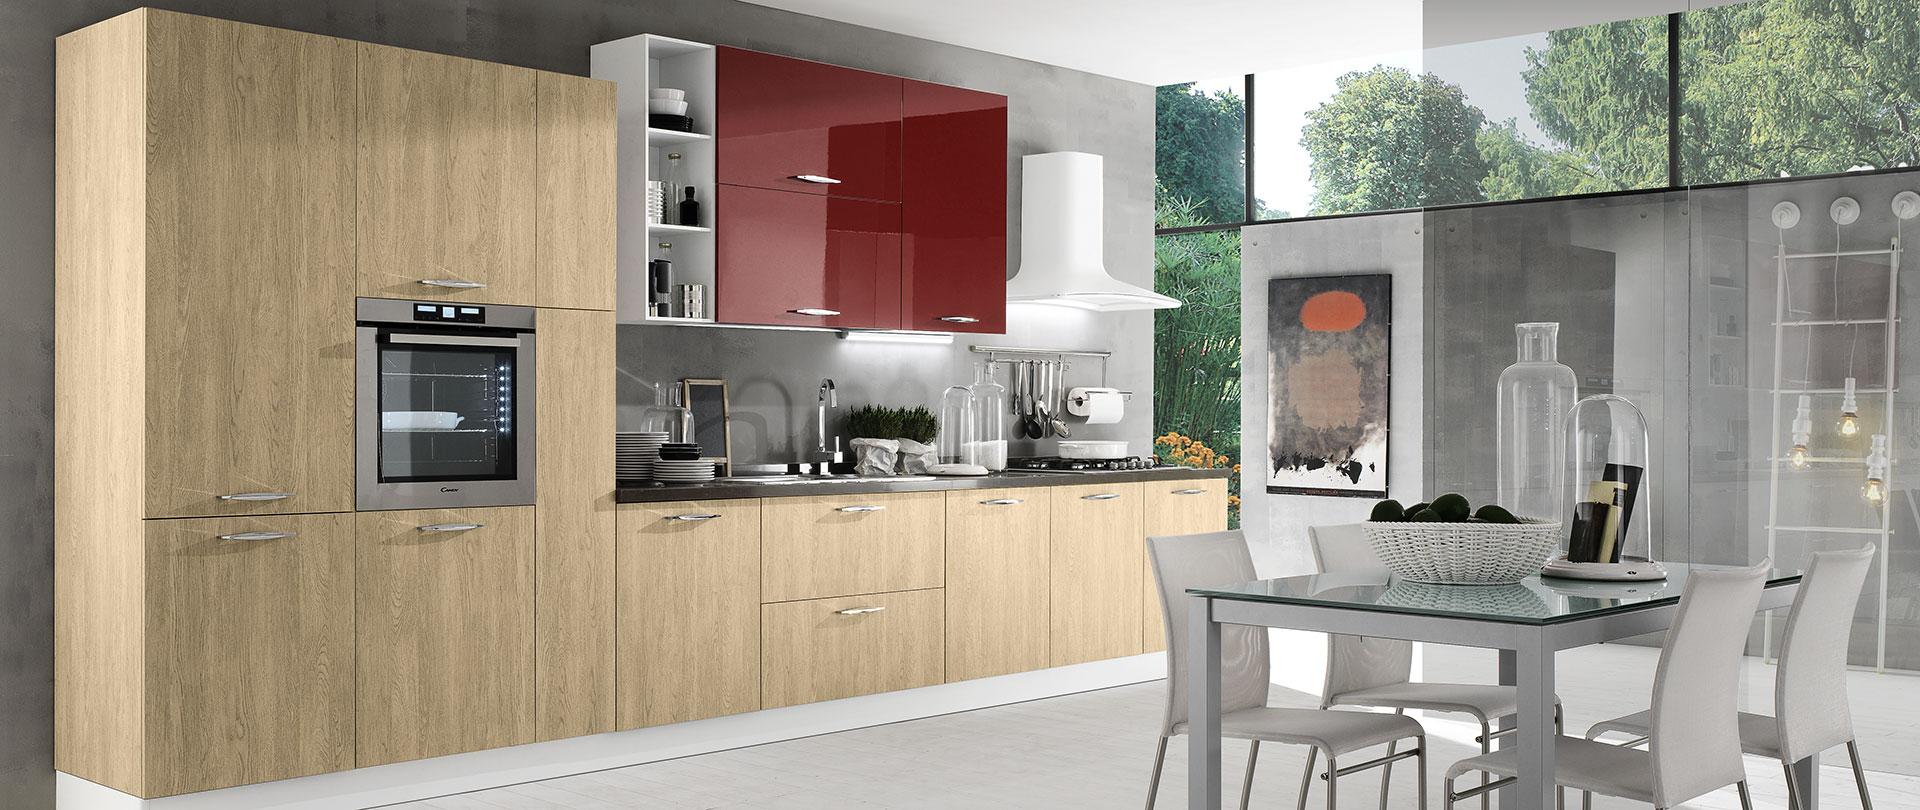 Cucine Moderne Con Pareti Colorate : Cucine a vista con soggiorno ...